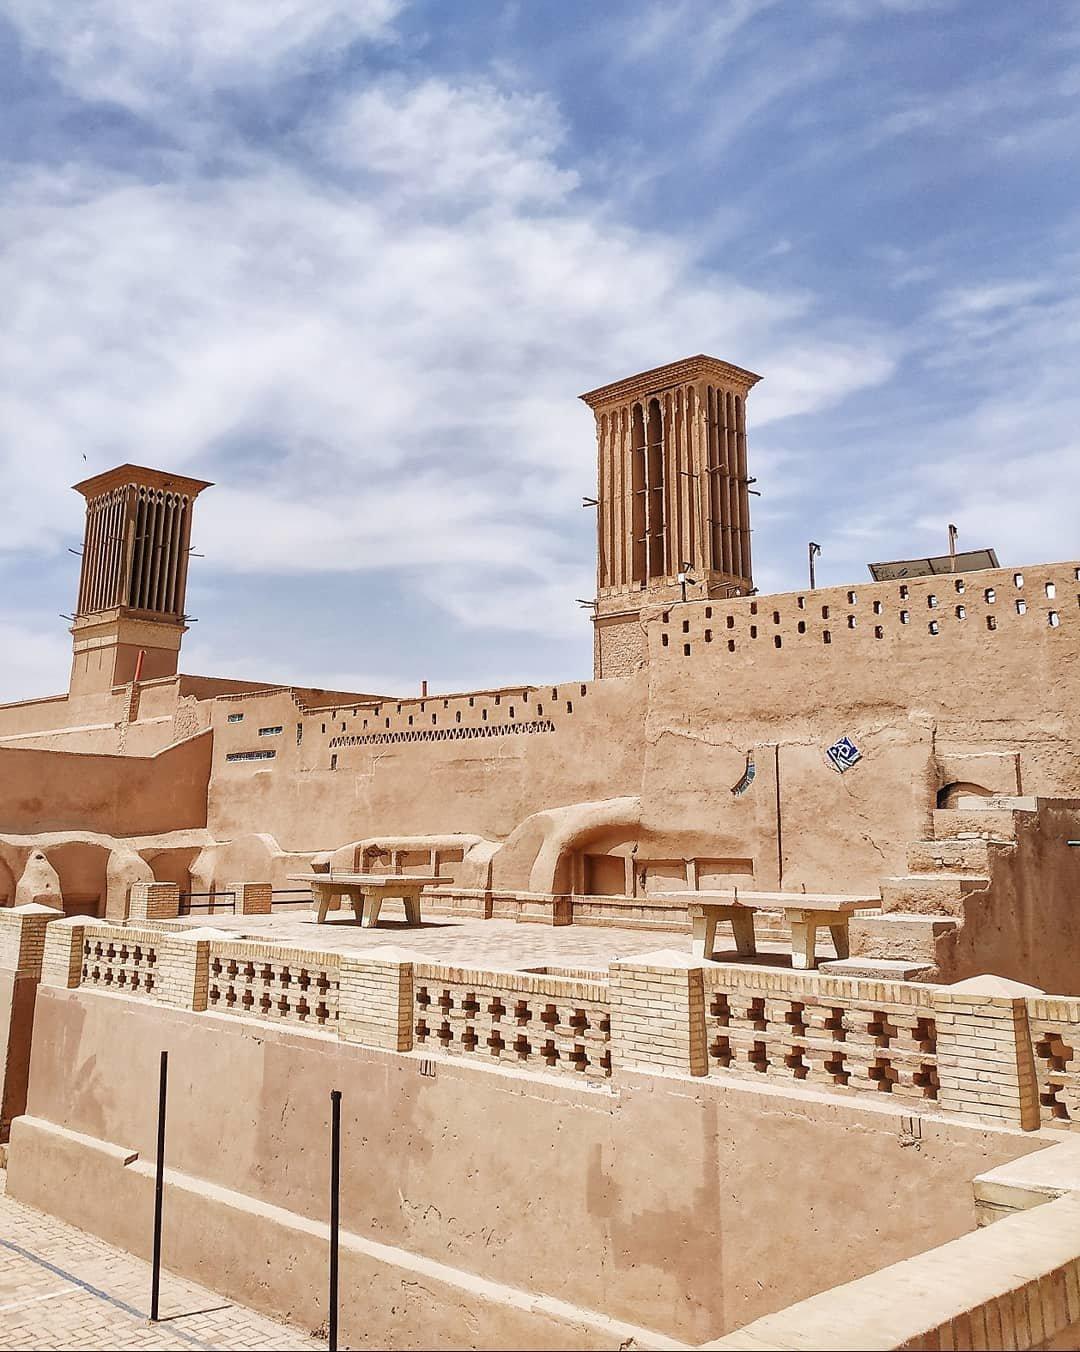 Город роз, персидские дворцы и Медина. Как харьковчанка провела две недели в Иране и Марокко, - ФОТО, фото-10